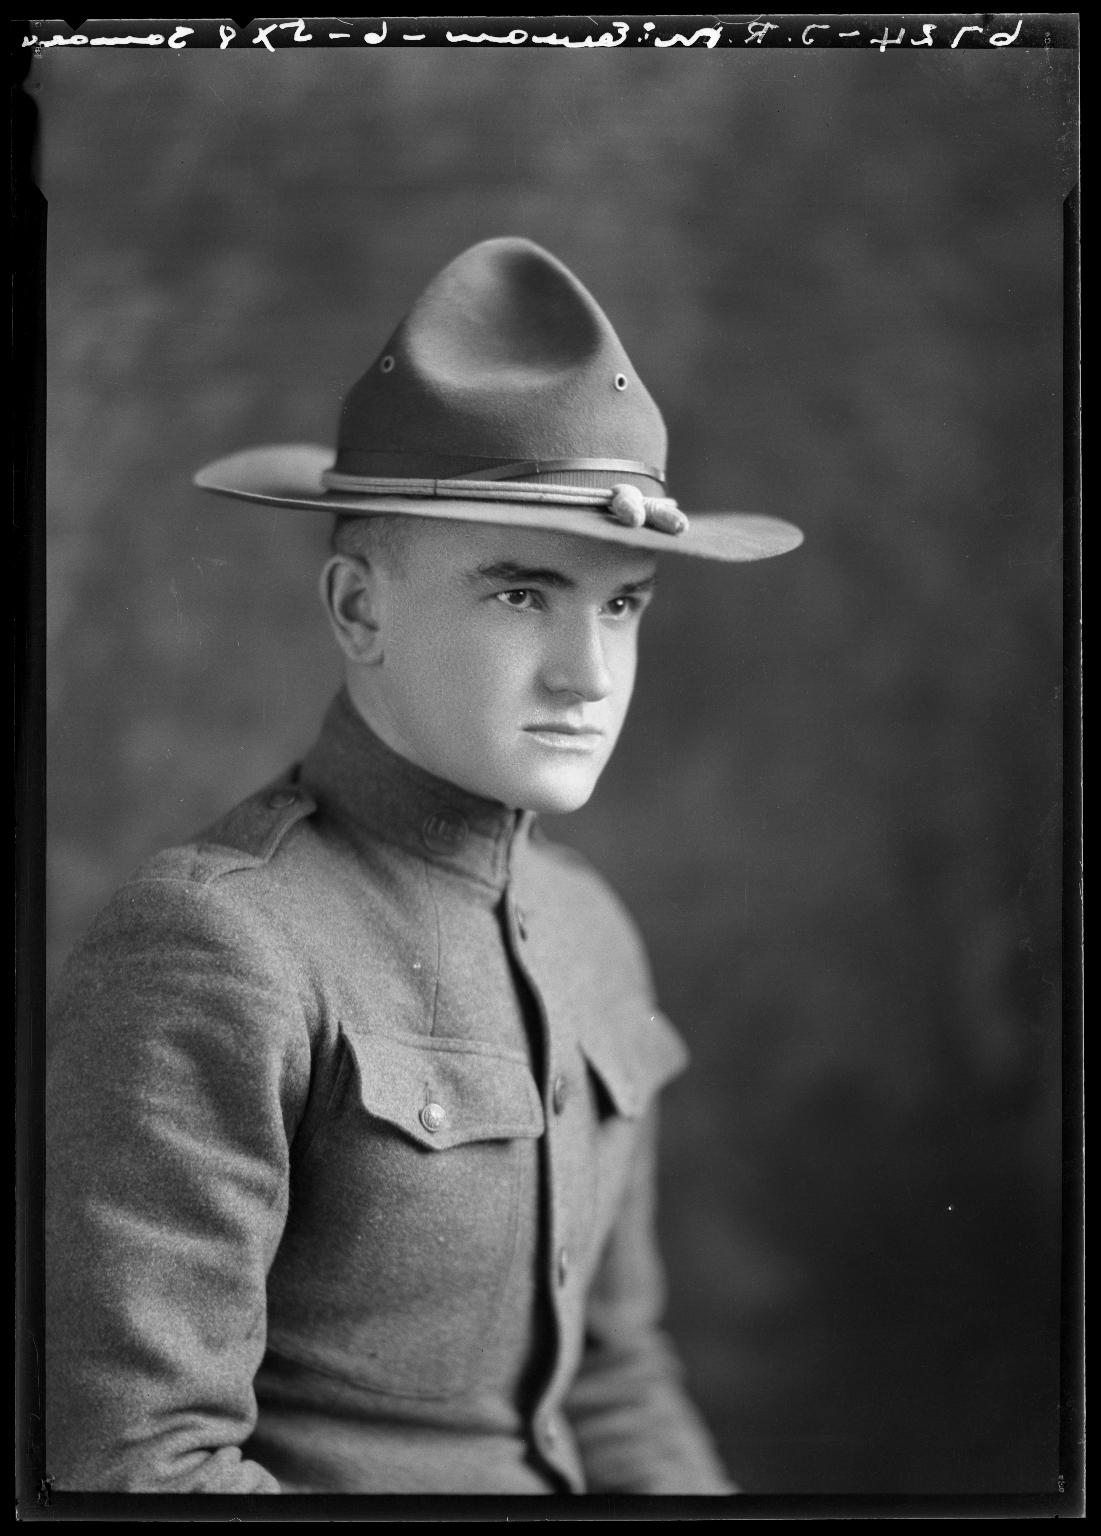 Portrait of T. R. McEwan